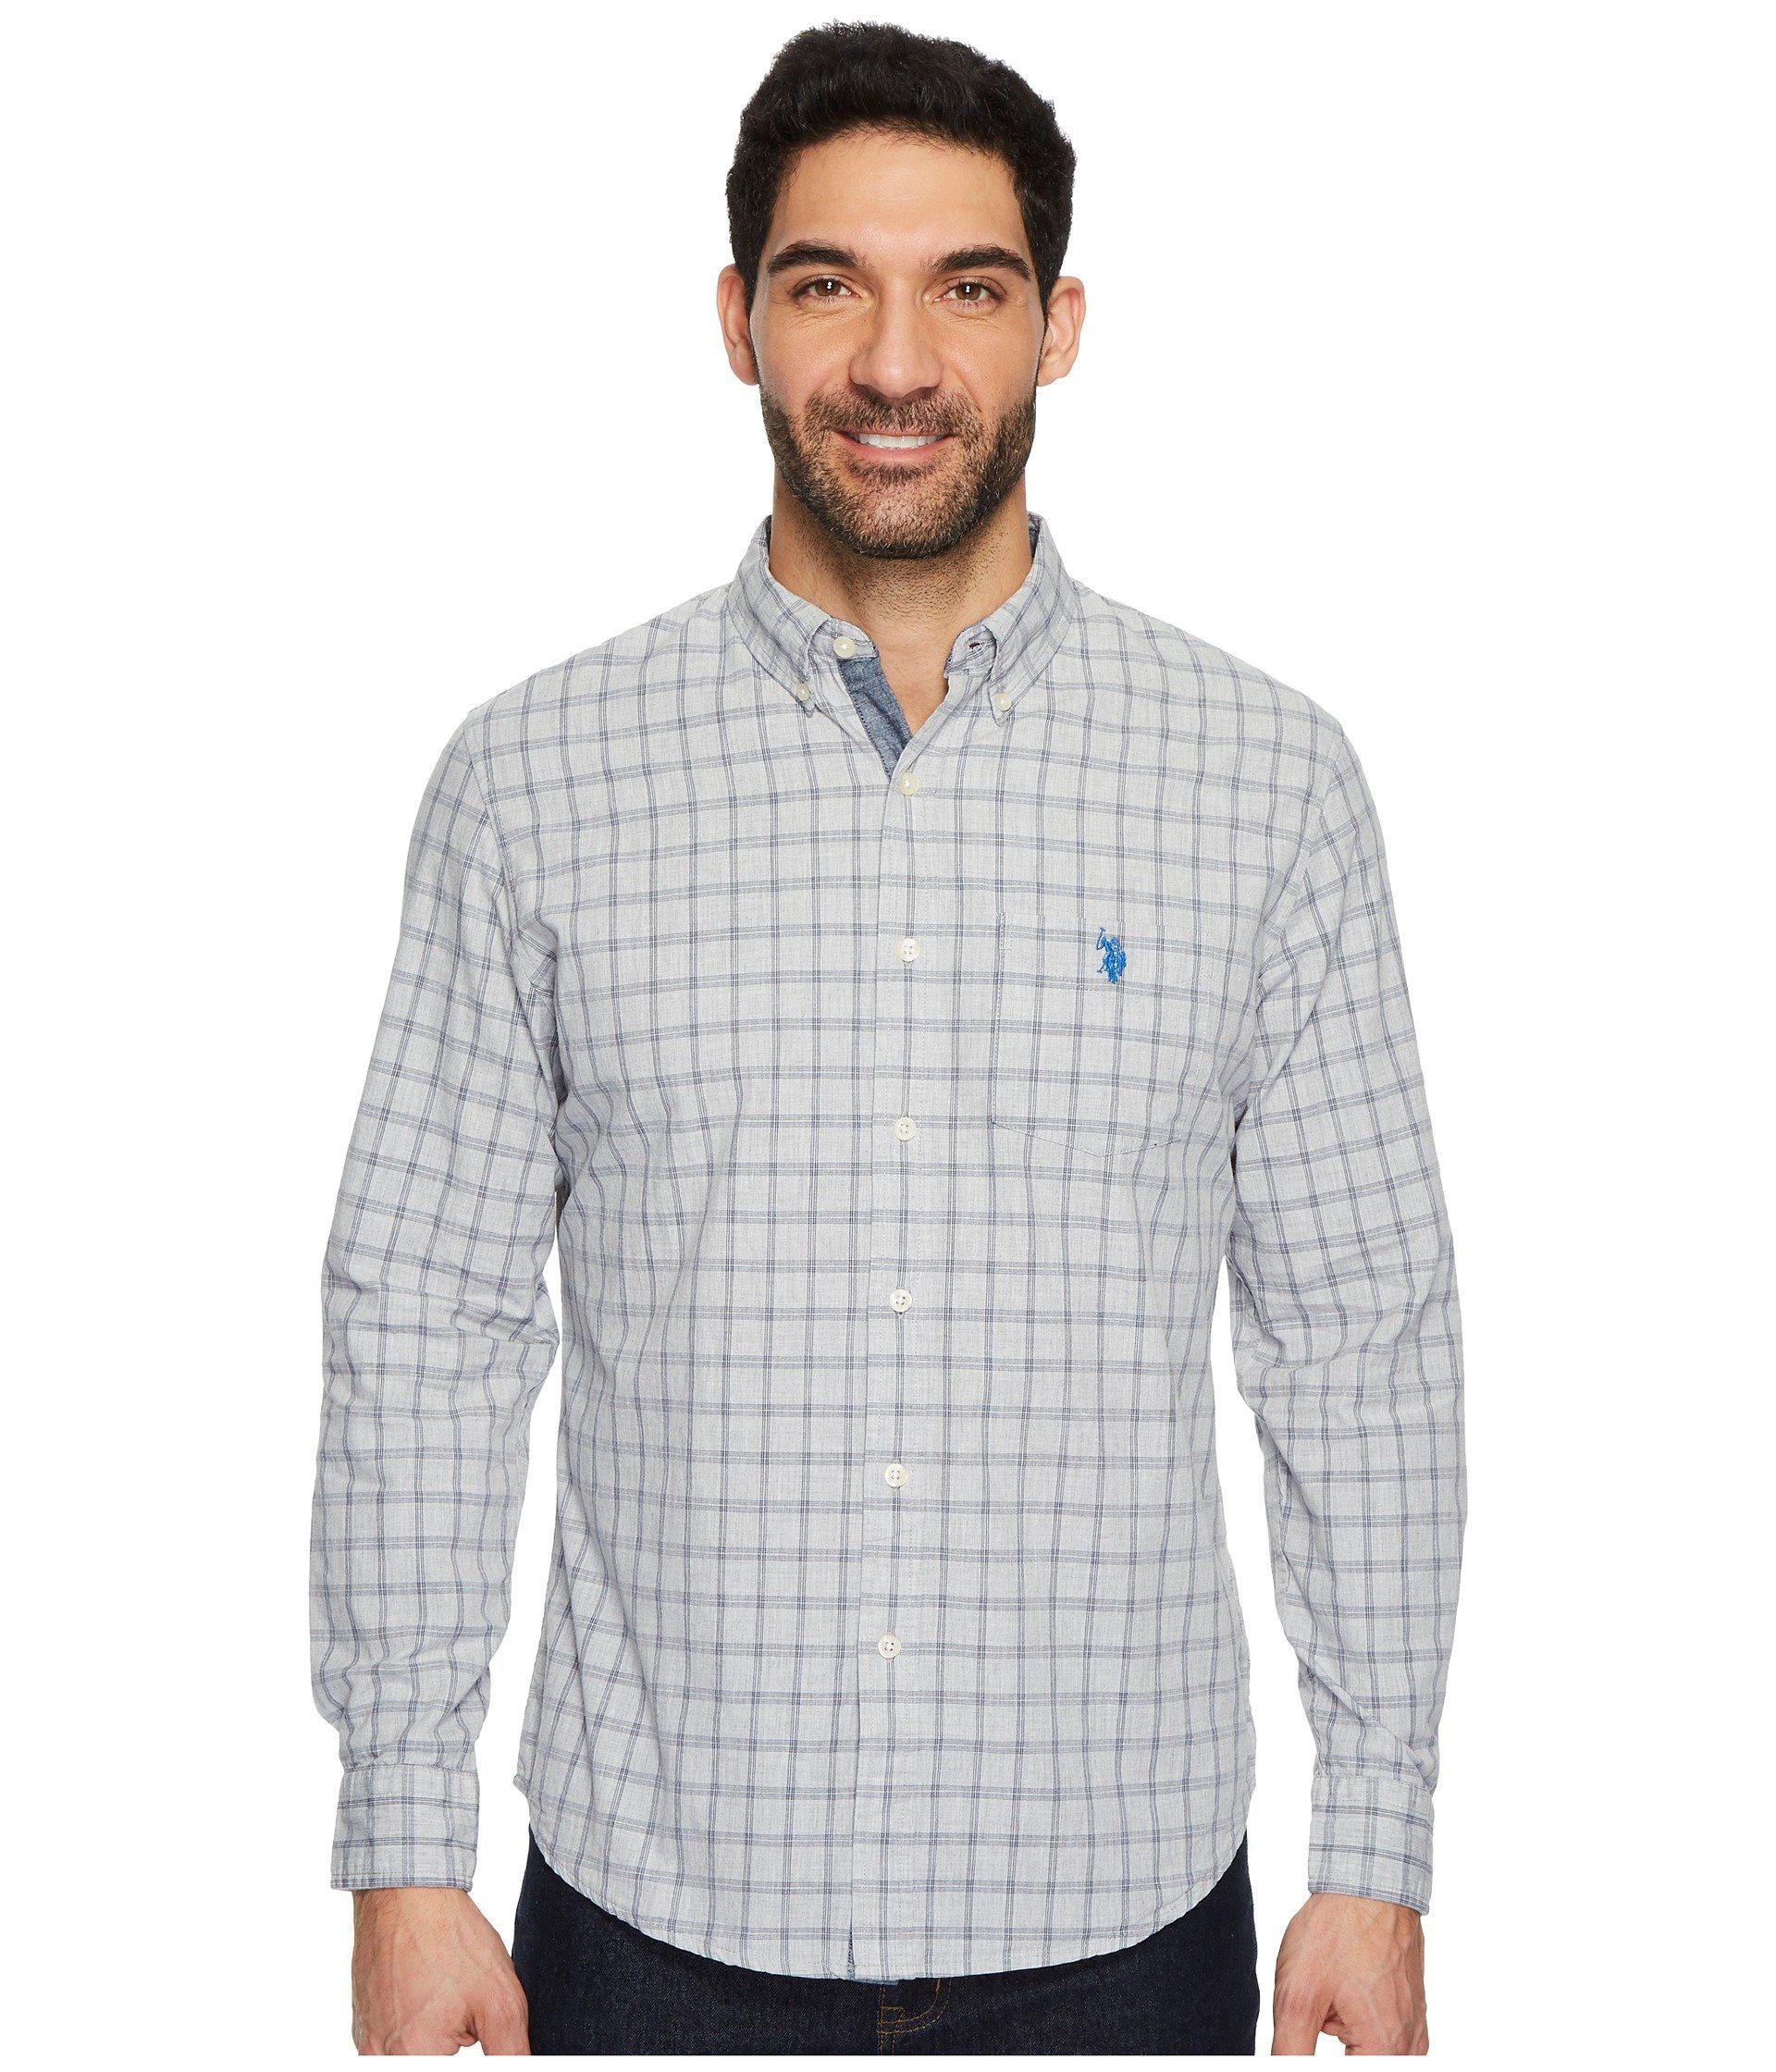 Us Polo Assn Mens Dress Shirts